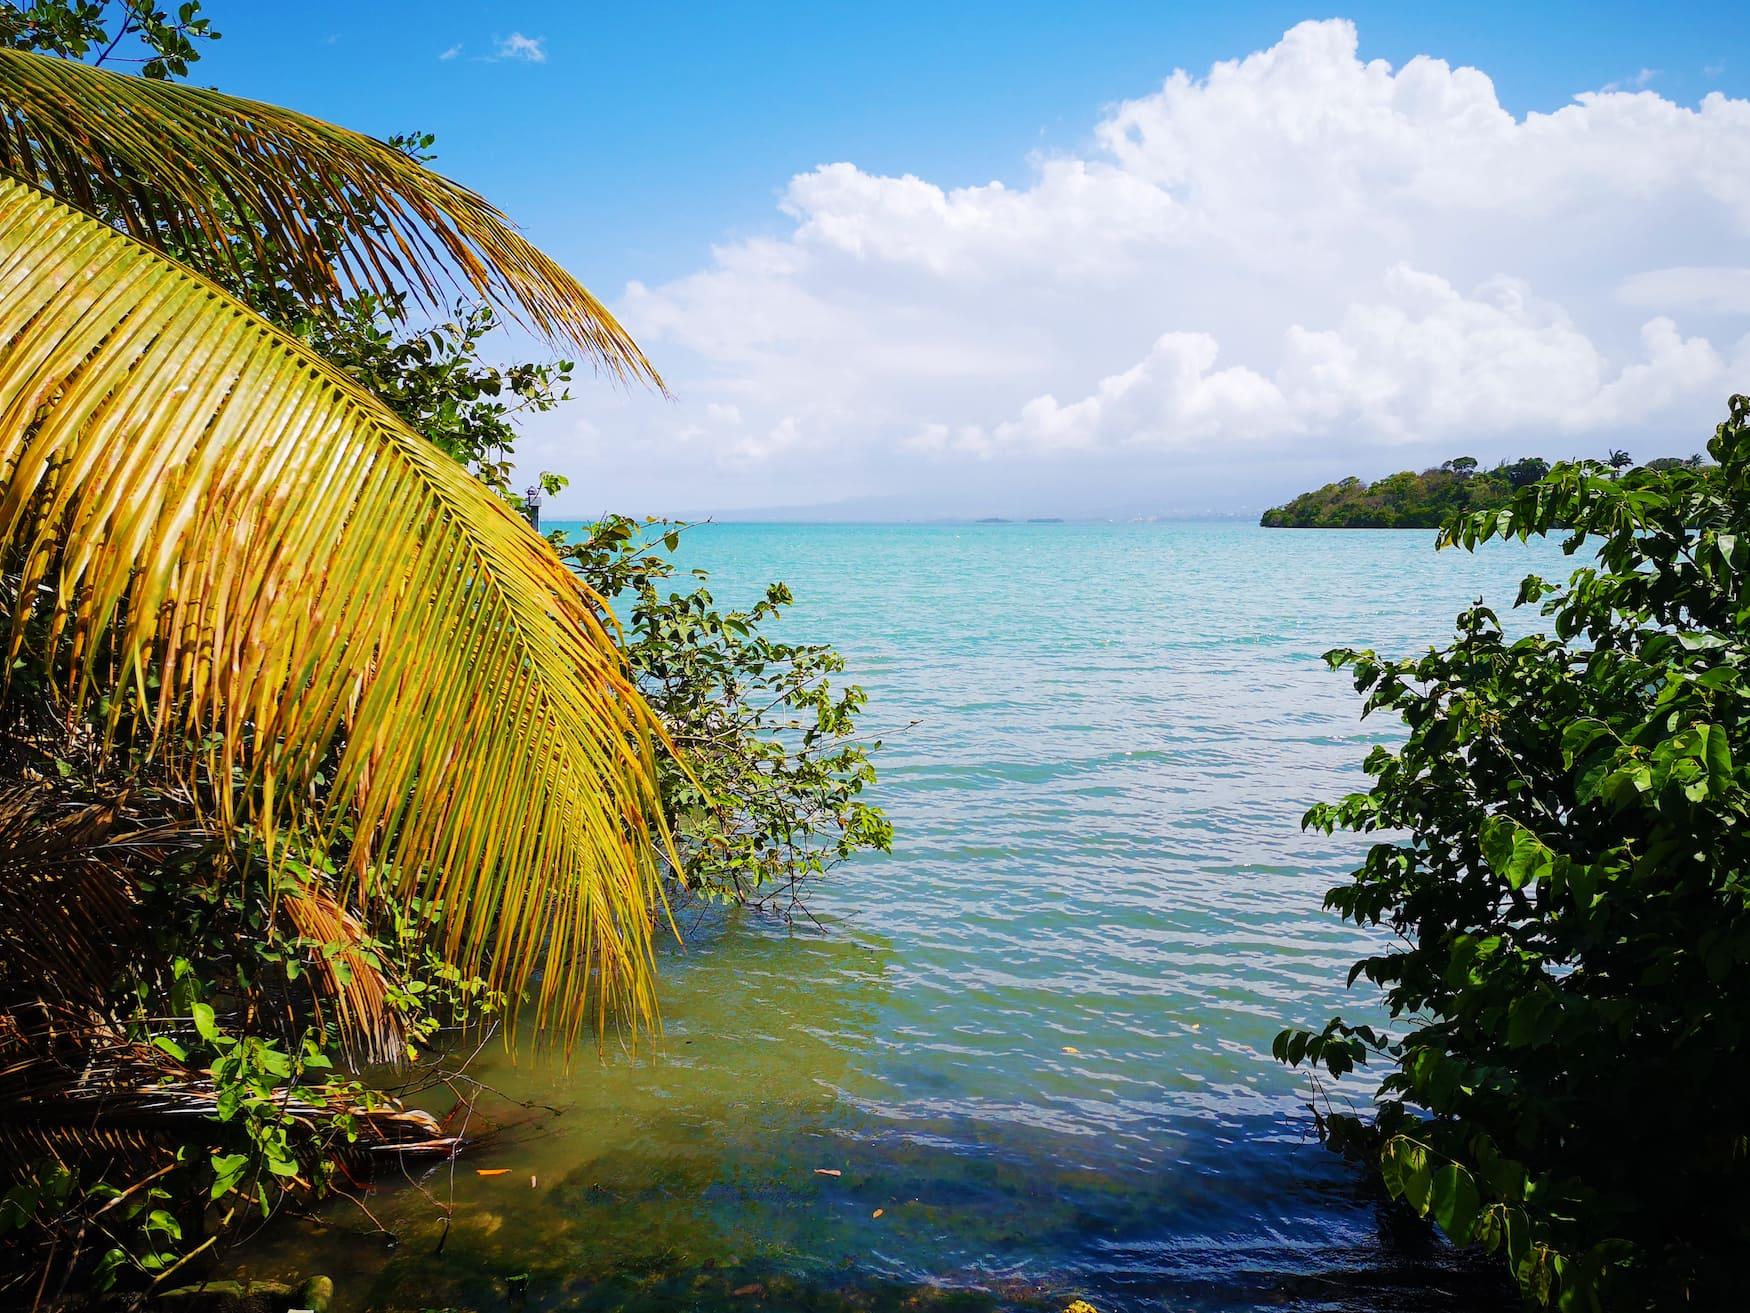 Blick von Mangroven auf Meer in Guadeloupe